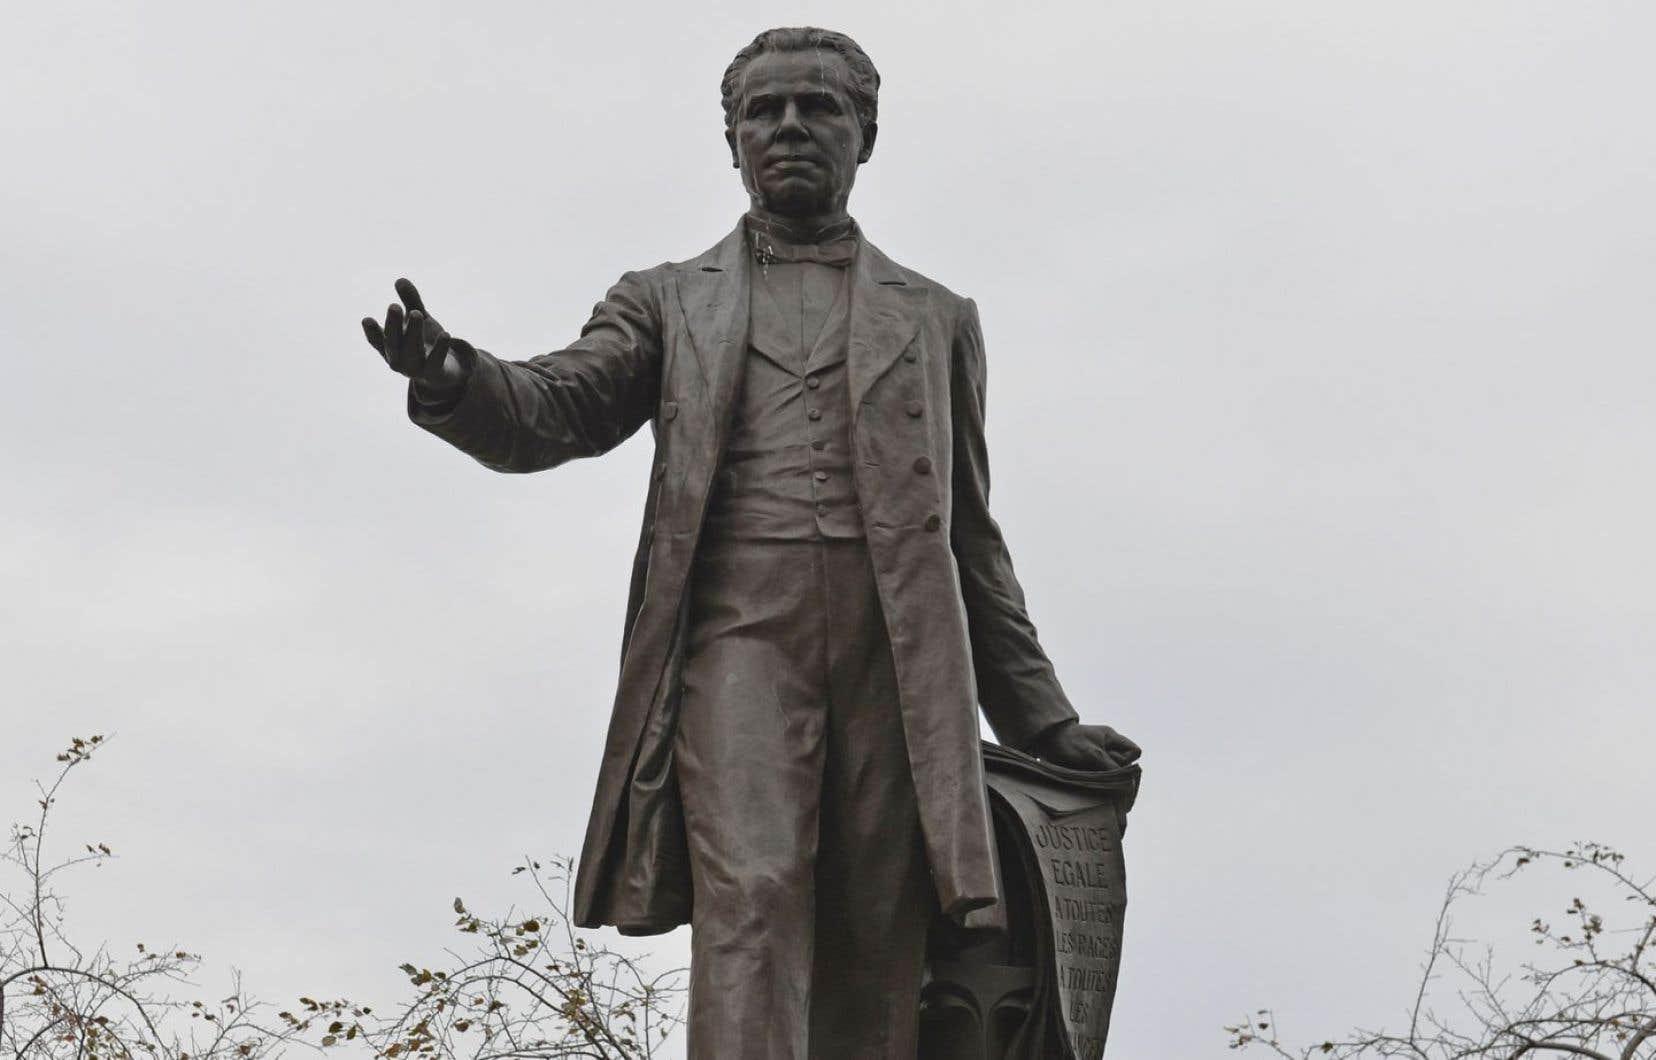 À Québec, la statue de l'un des Pères de la Confédération, George-Étienne Cartier, surplombe le parc Montmorency où ont siégé les premiers députés de la Province de Québec en 1867.